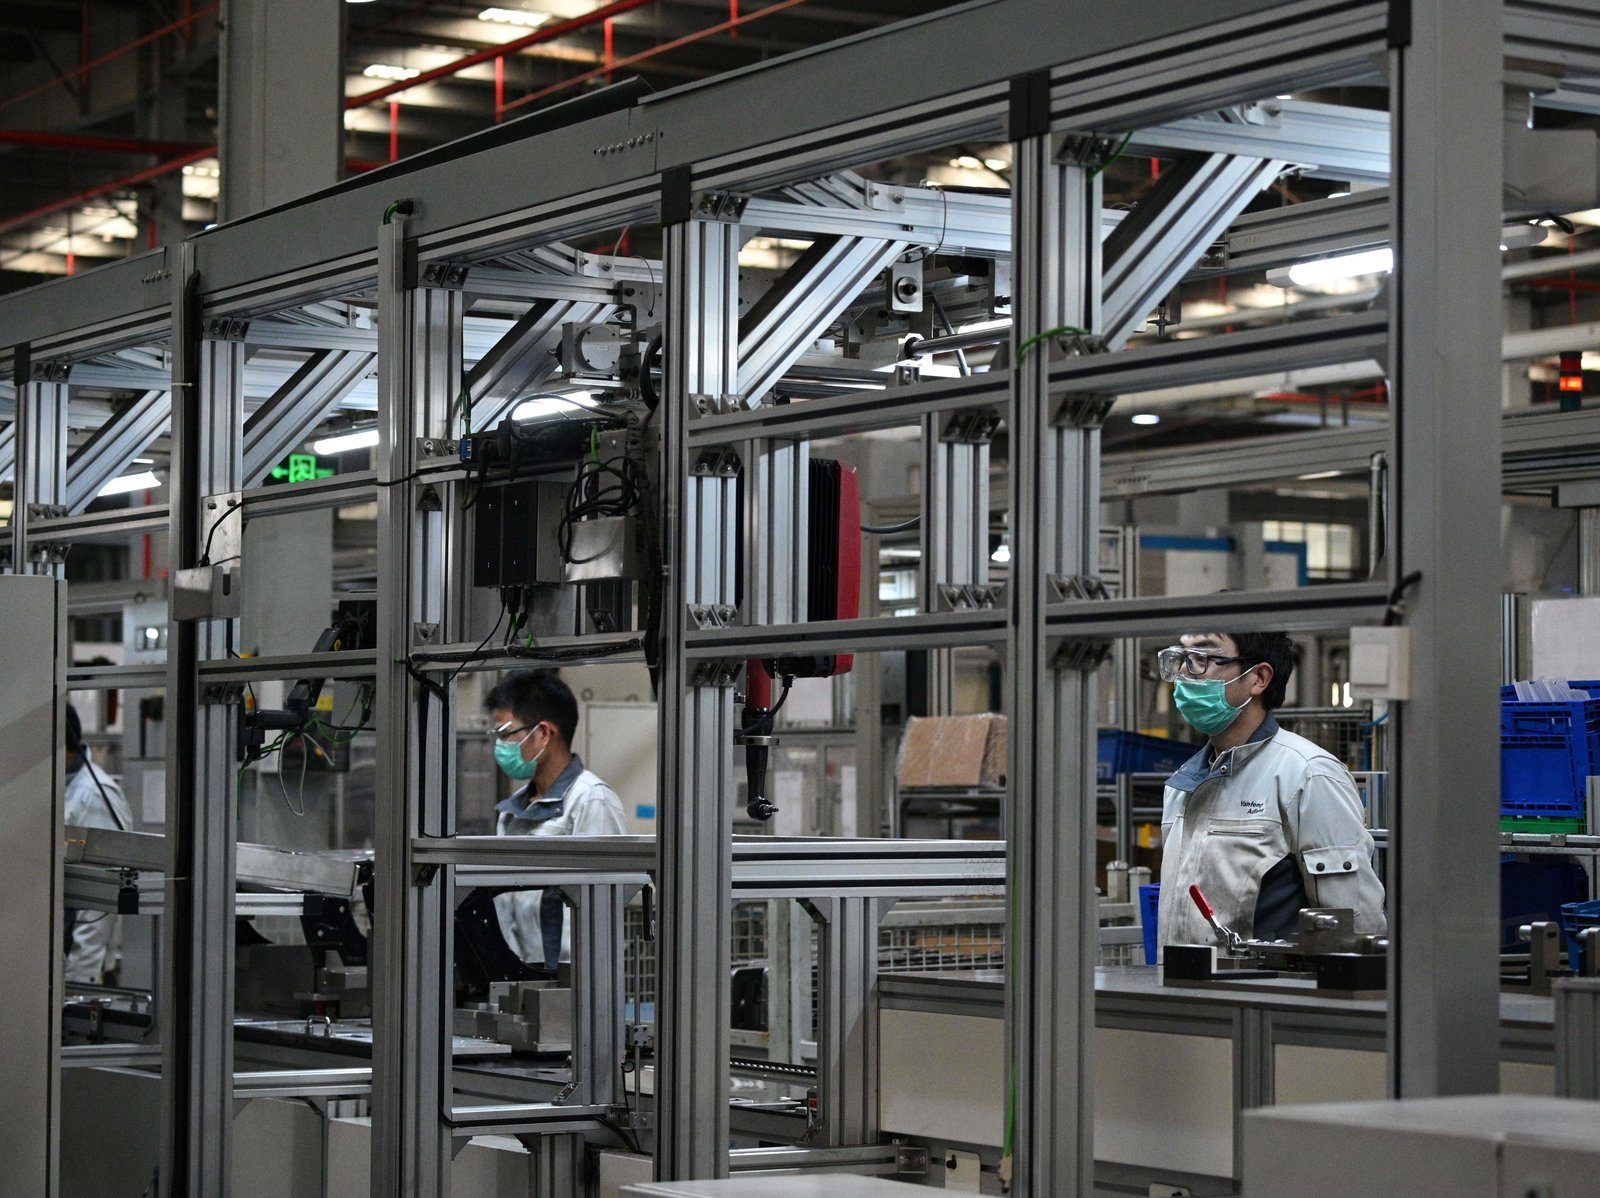 Trung Quốc đang mở cửa lại các nhà máy như thế nào?